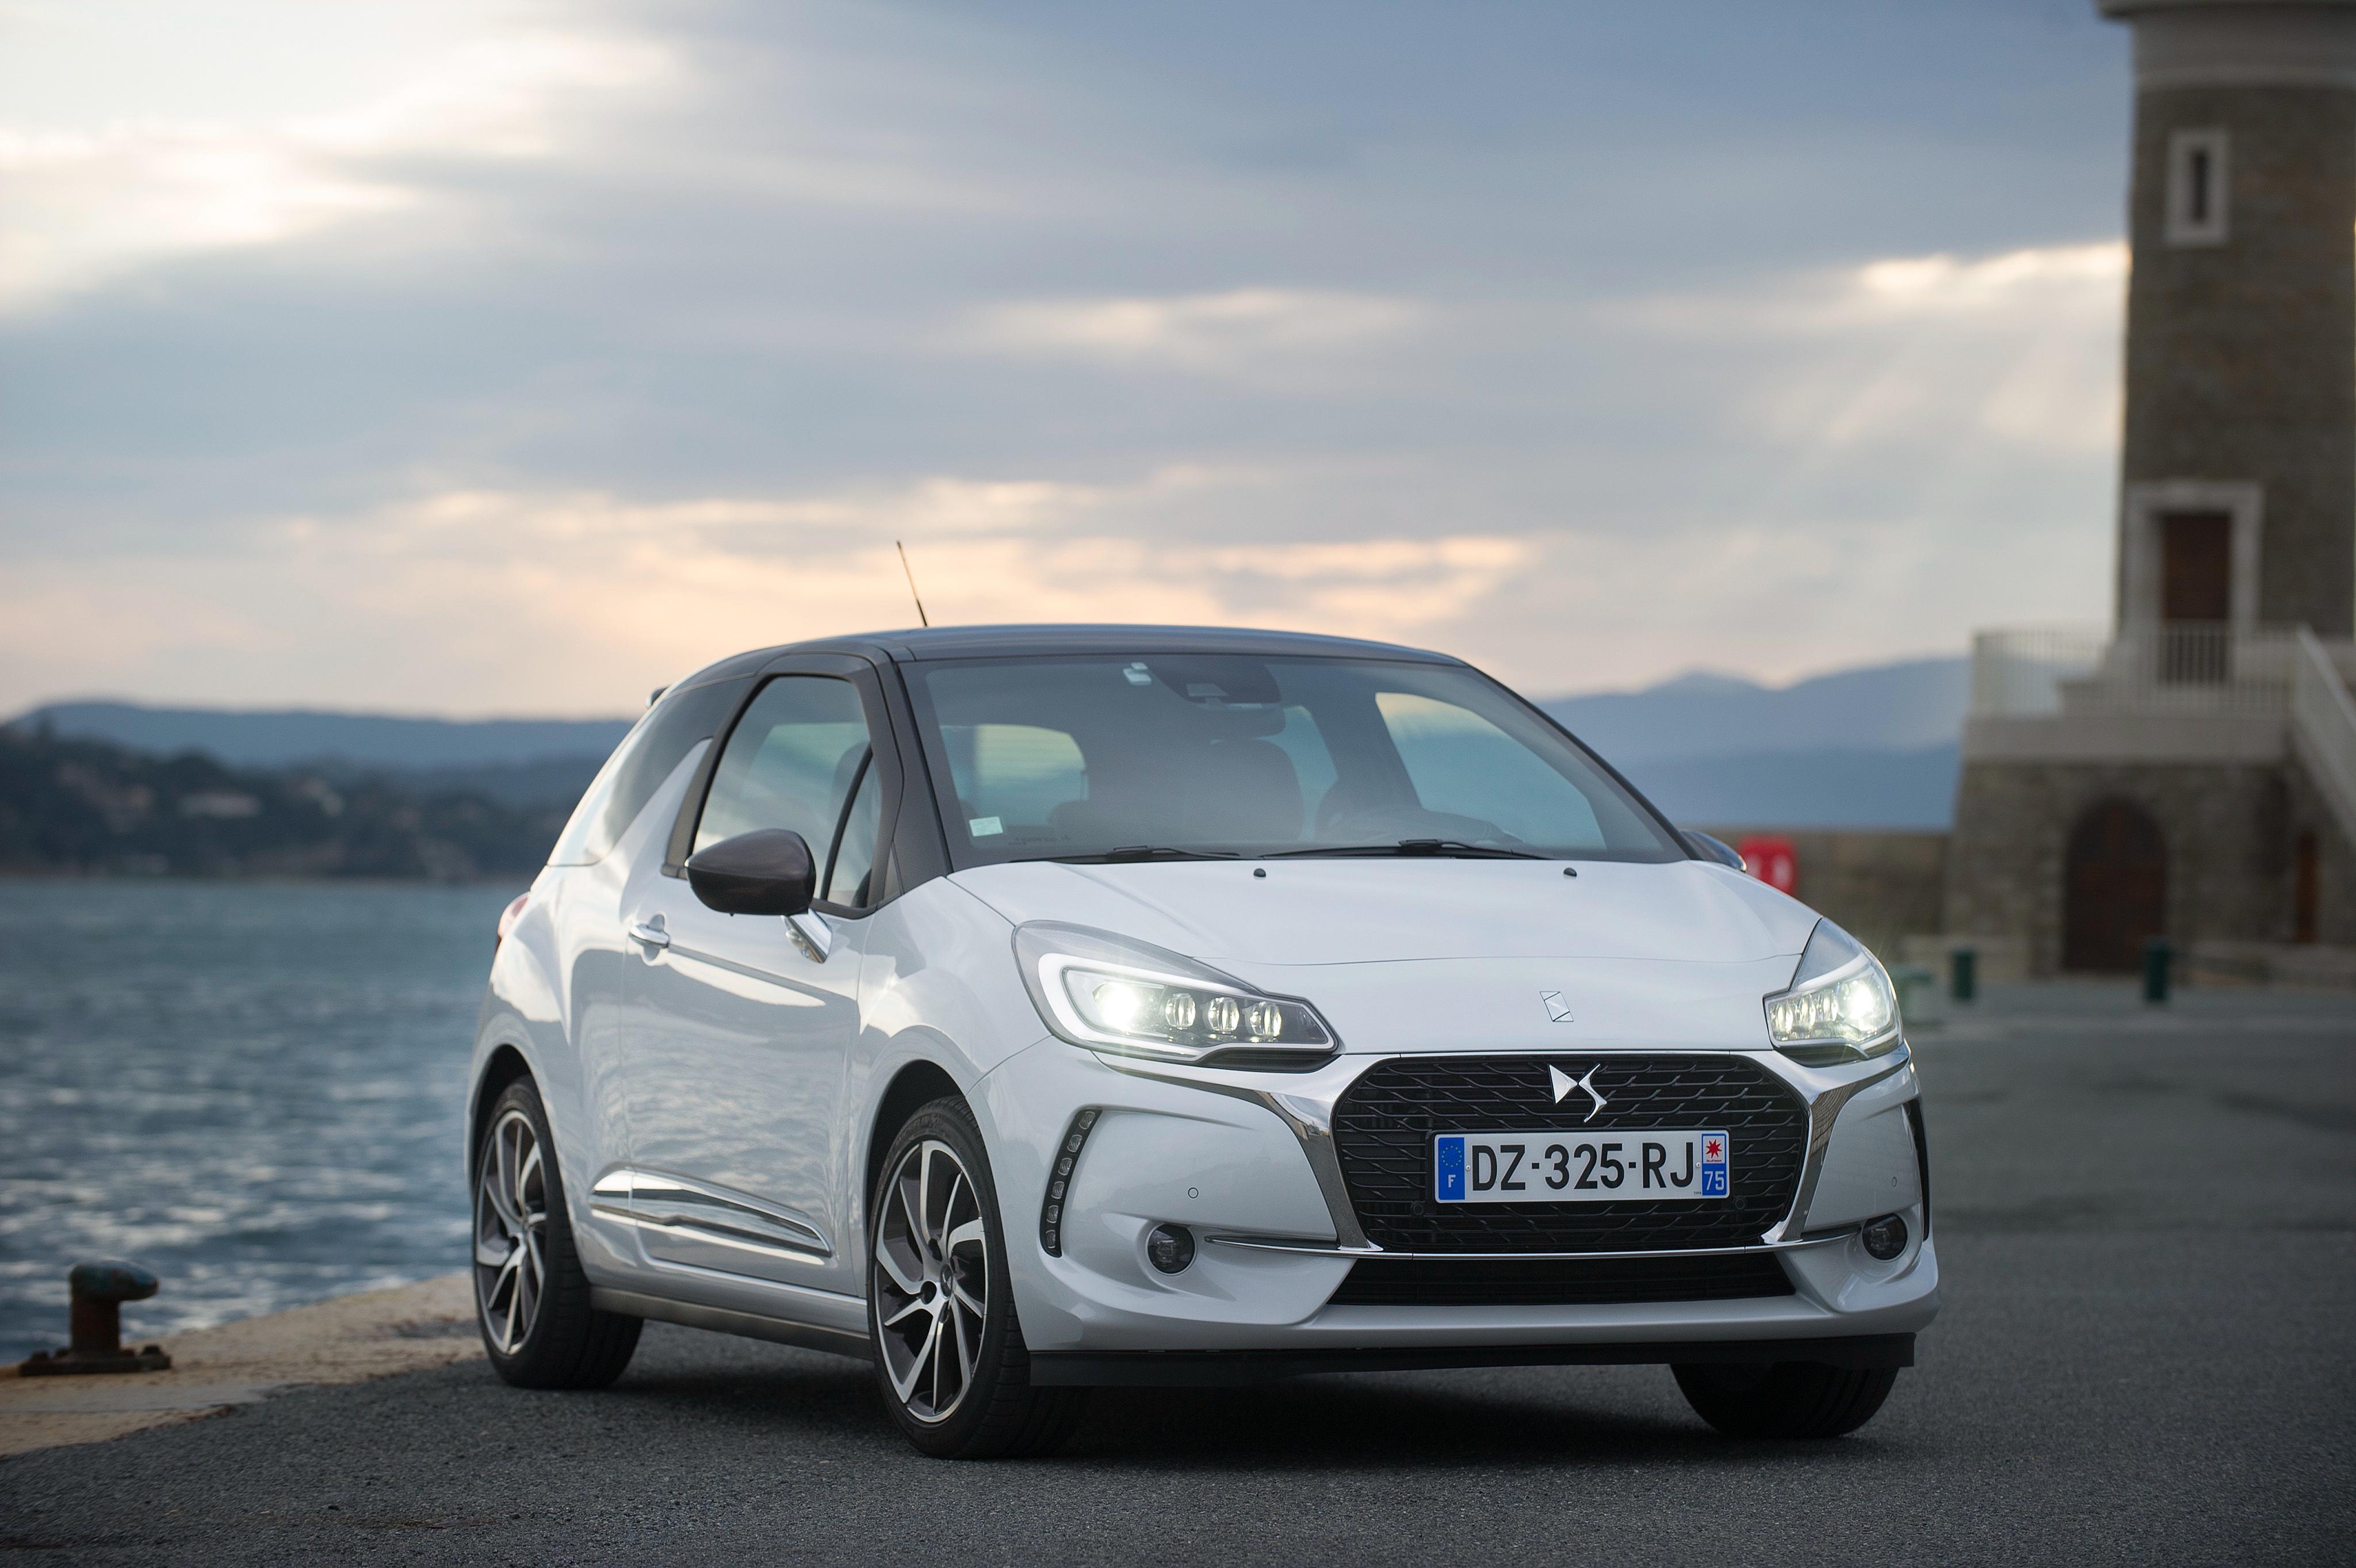 Os DS deixaram de ser uma linha de luxo da Citroën para se tornarem modelos de uma nova marca da PSA